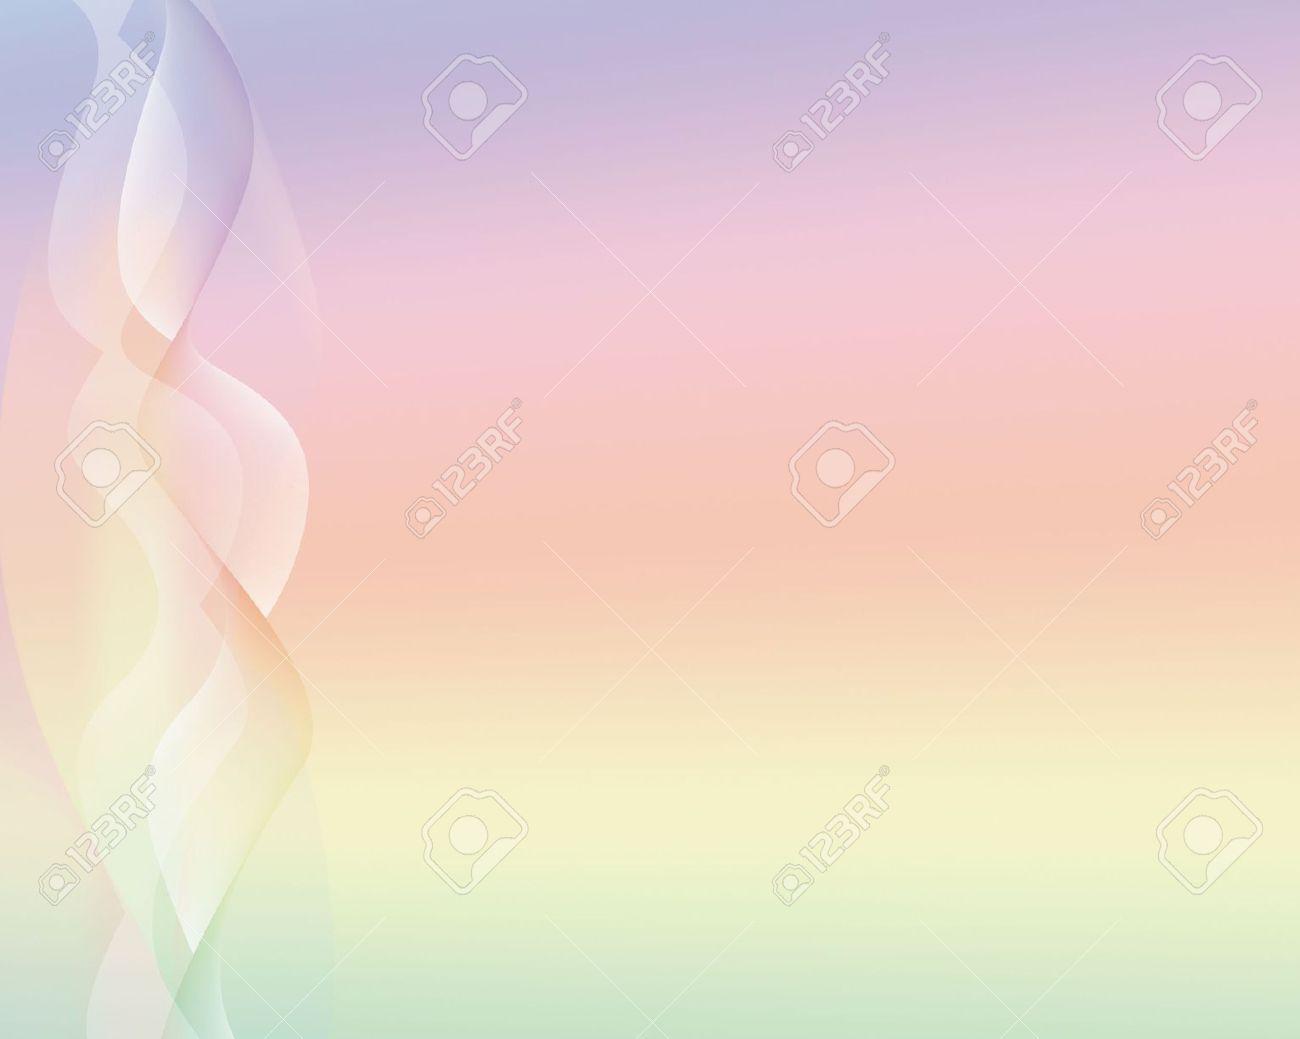 美しいパステル画 偉大な背景のベクトル ロイヤリティーフリーフォト